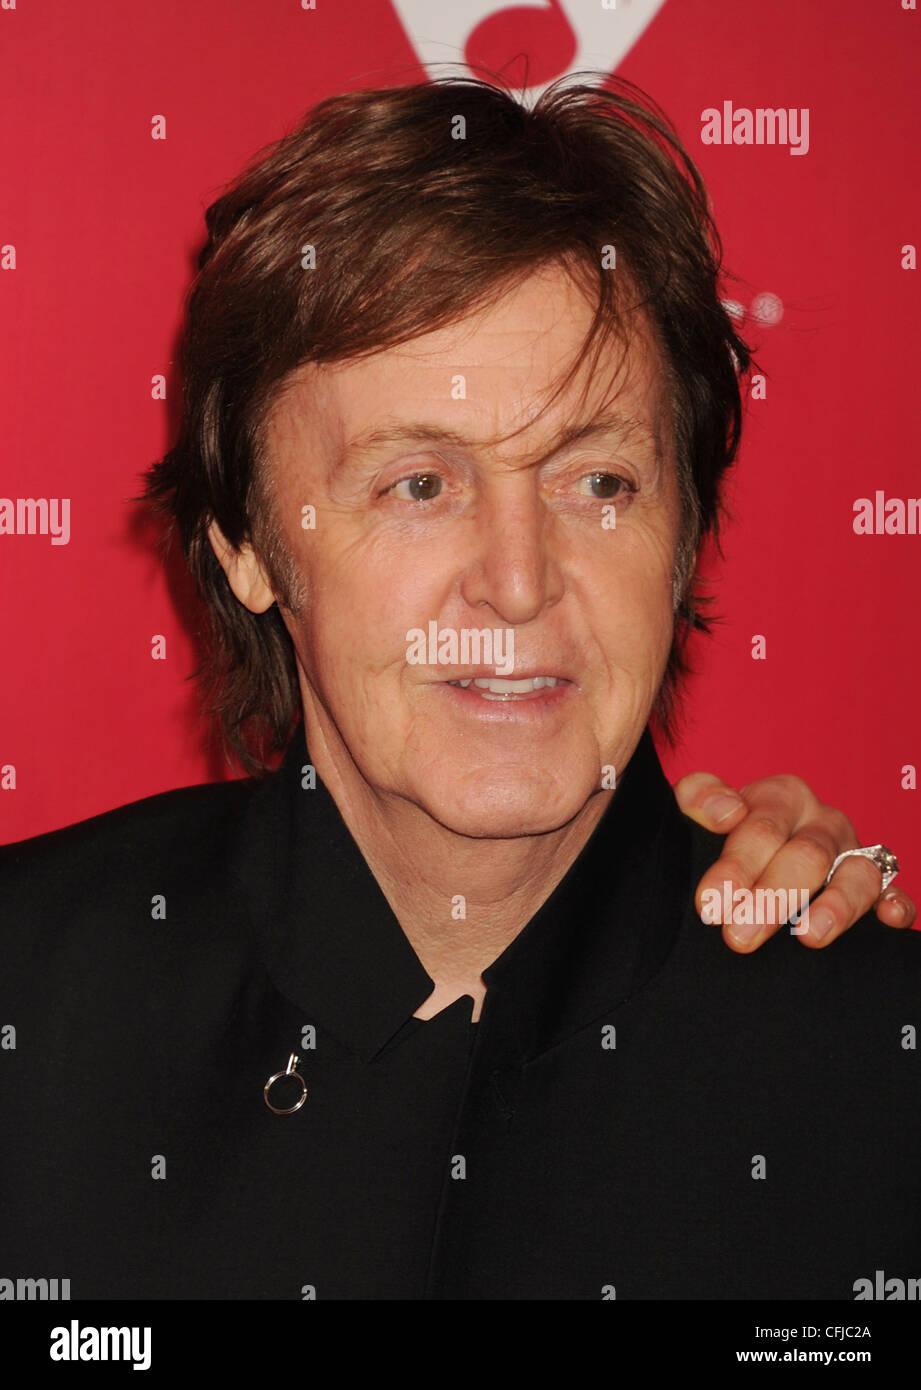 PAUL MCCARTNEY musicista del Regno Unito nel mese di febbraio 2012. Foto di Jeffrey Mayer Immagini Stock